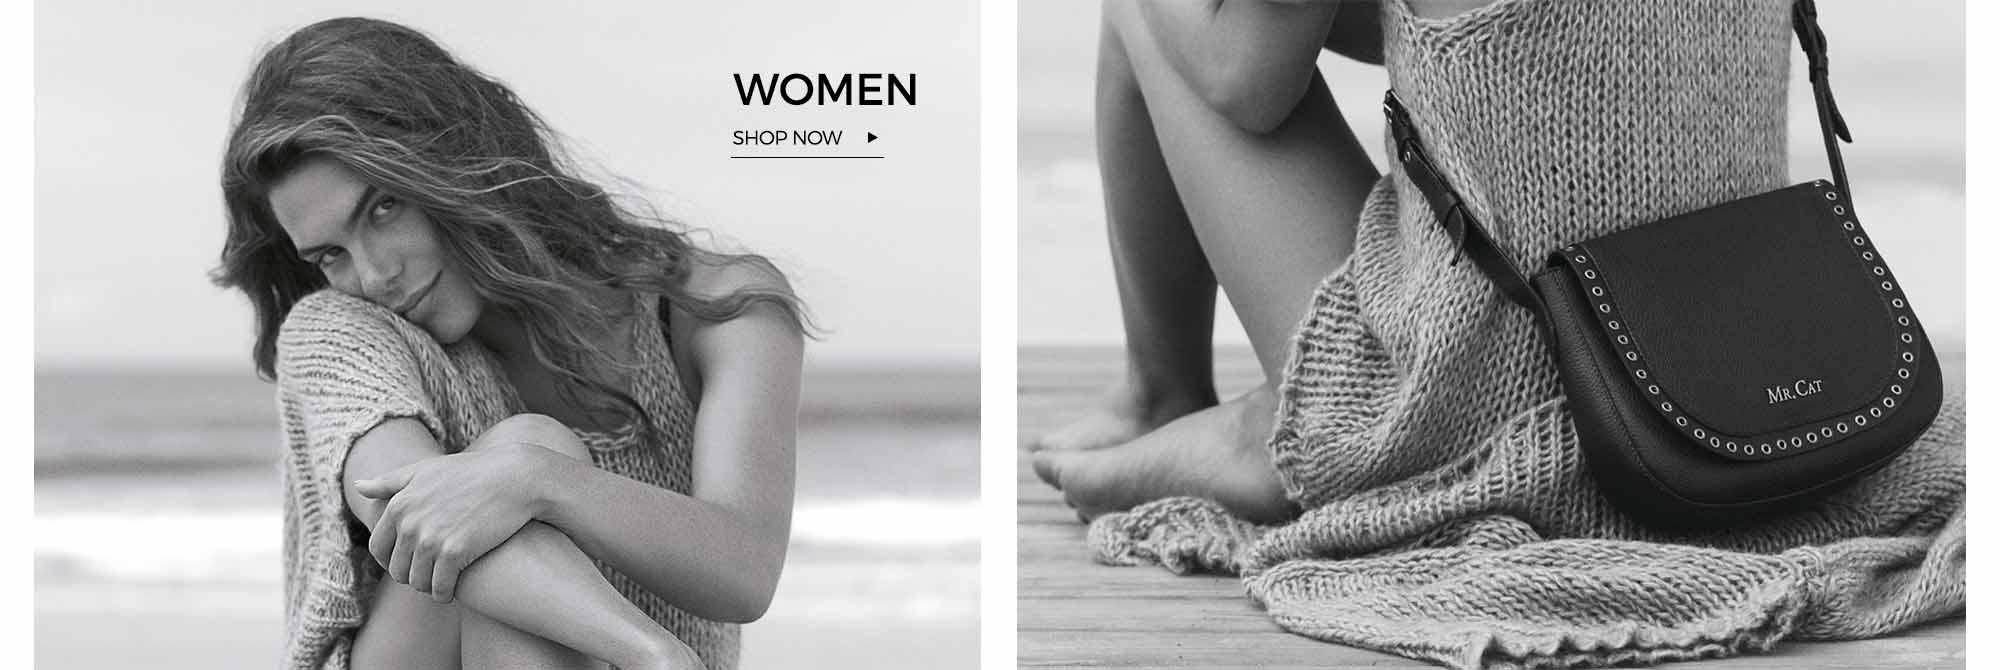 women feminino mulher 2